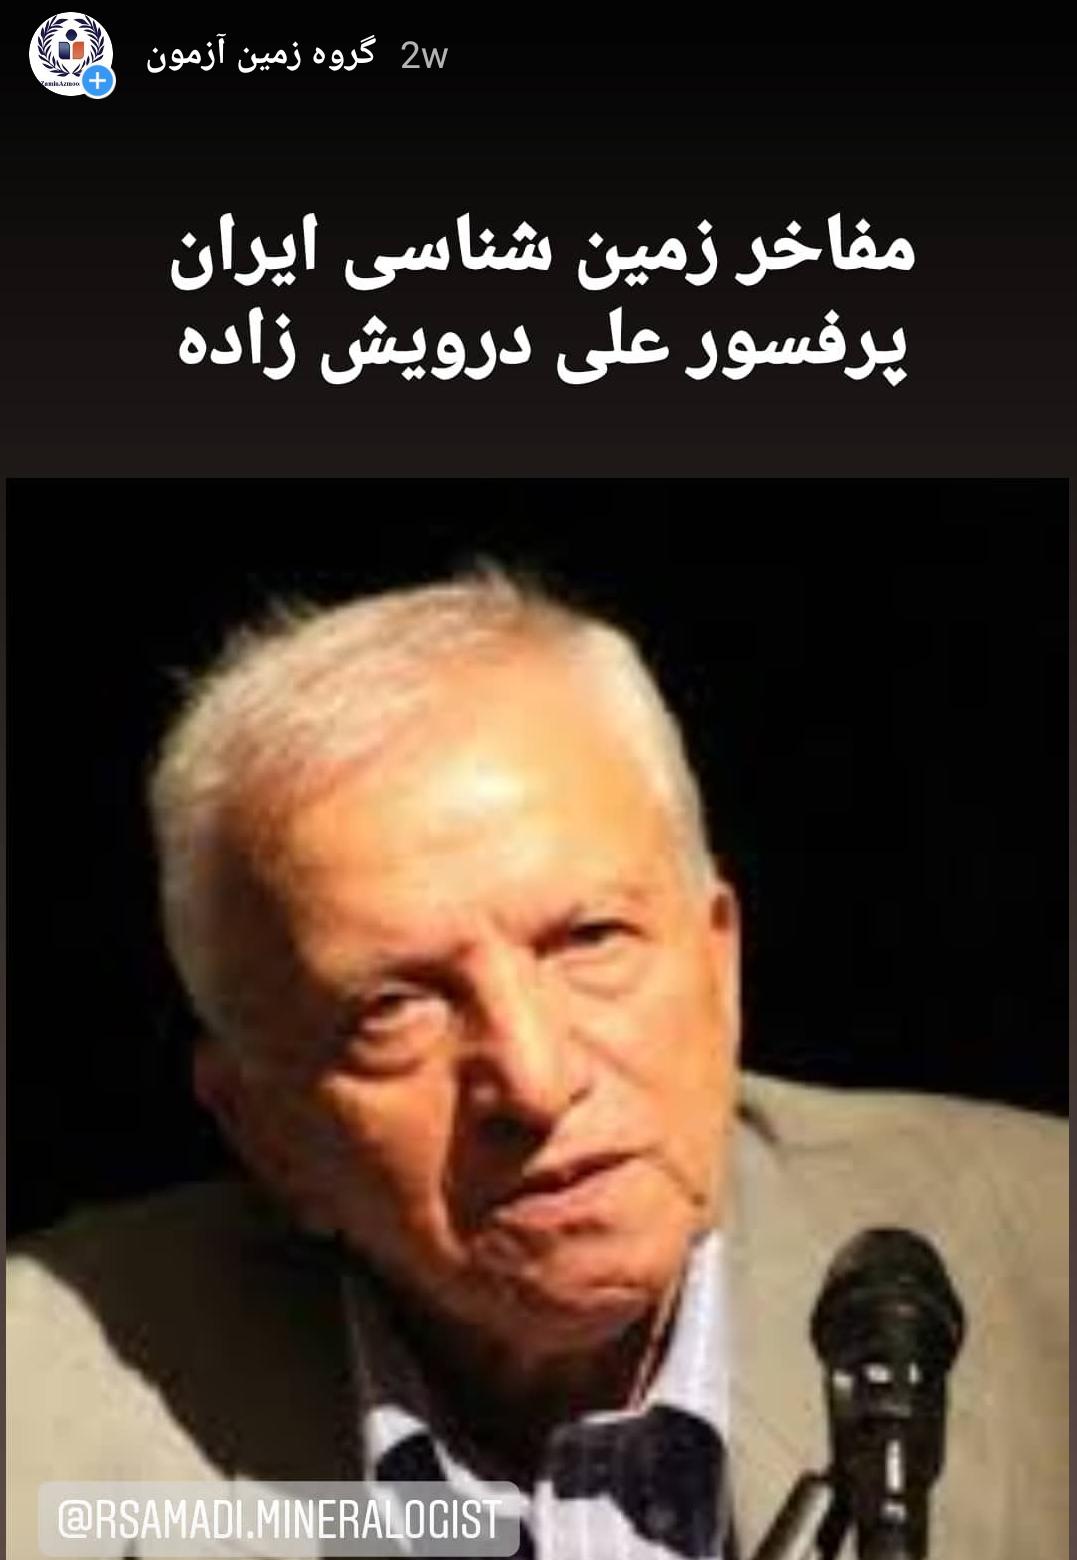 دکتر علی درویش زاده